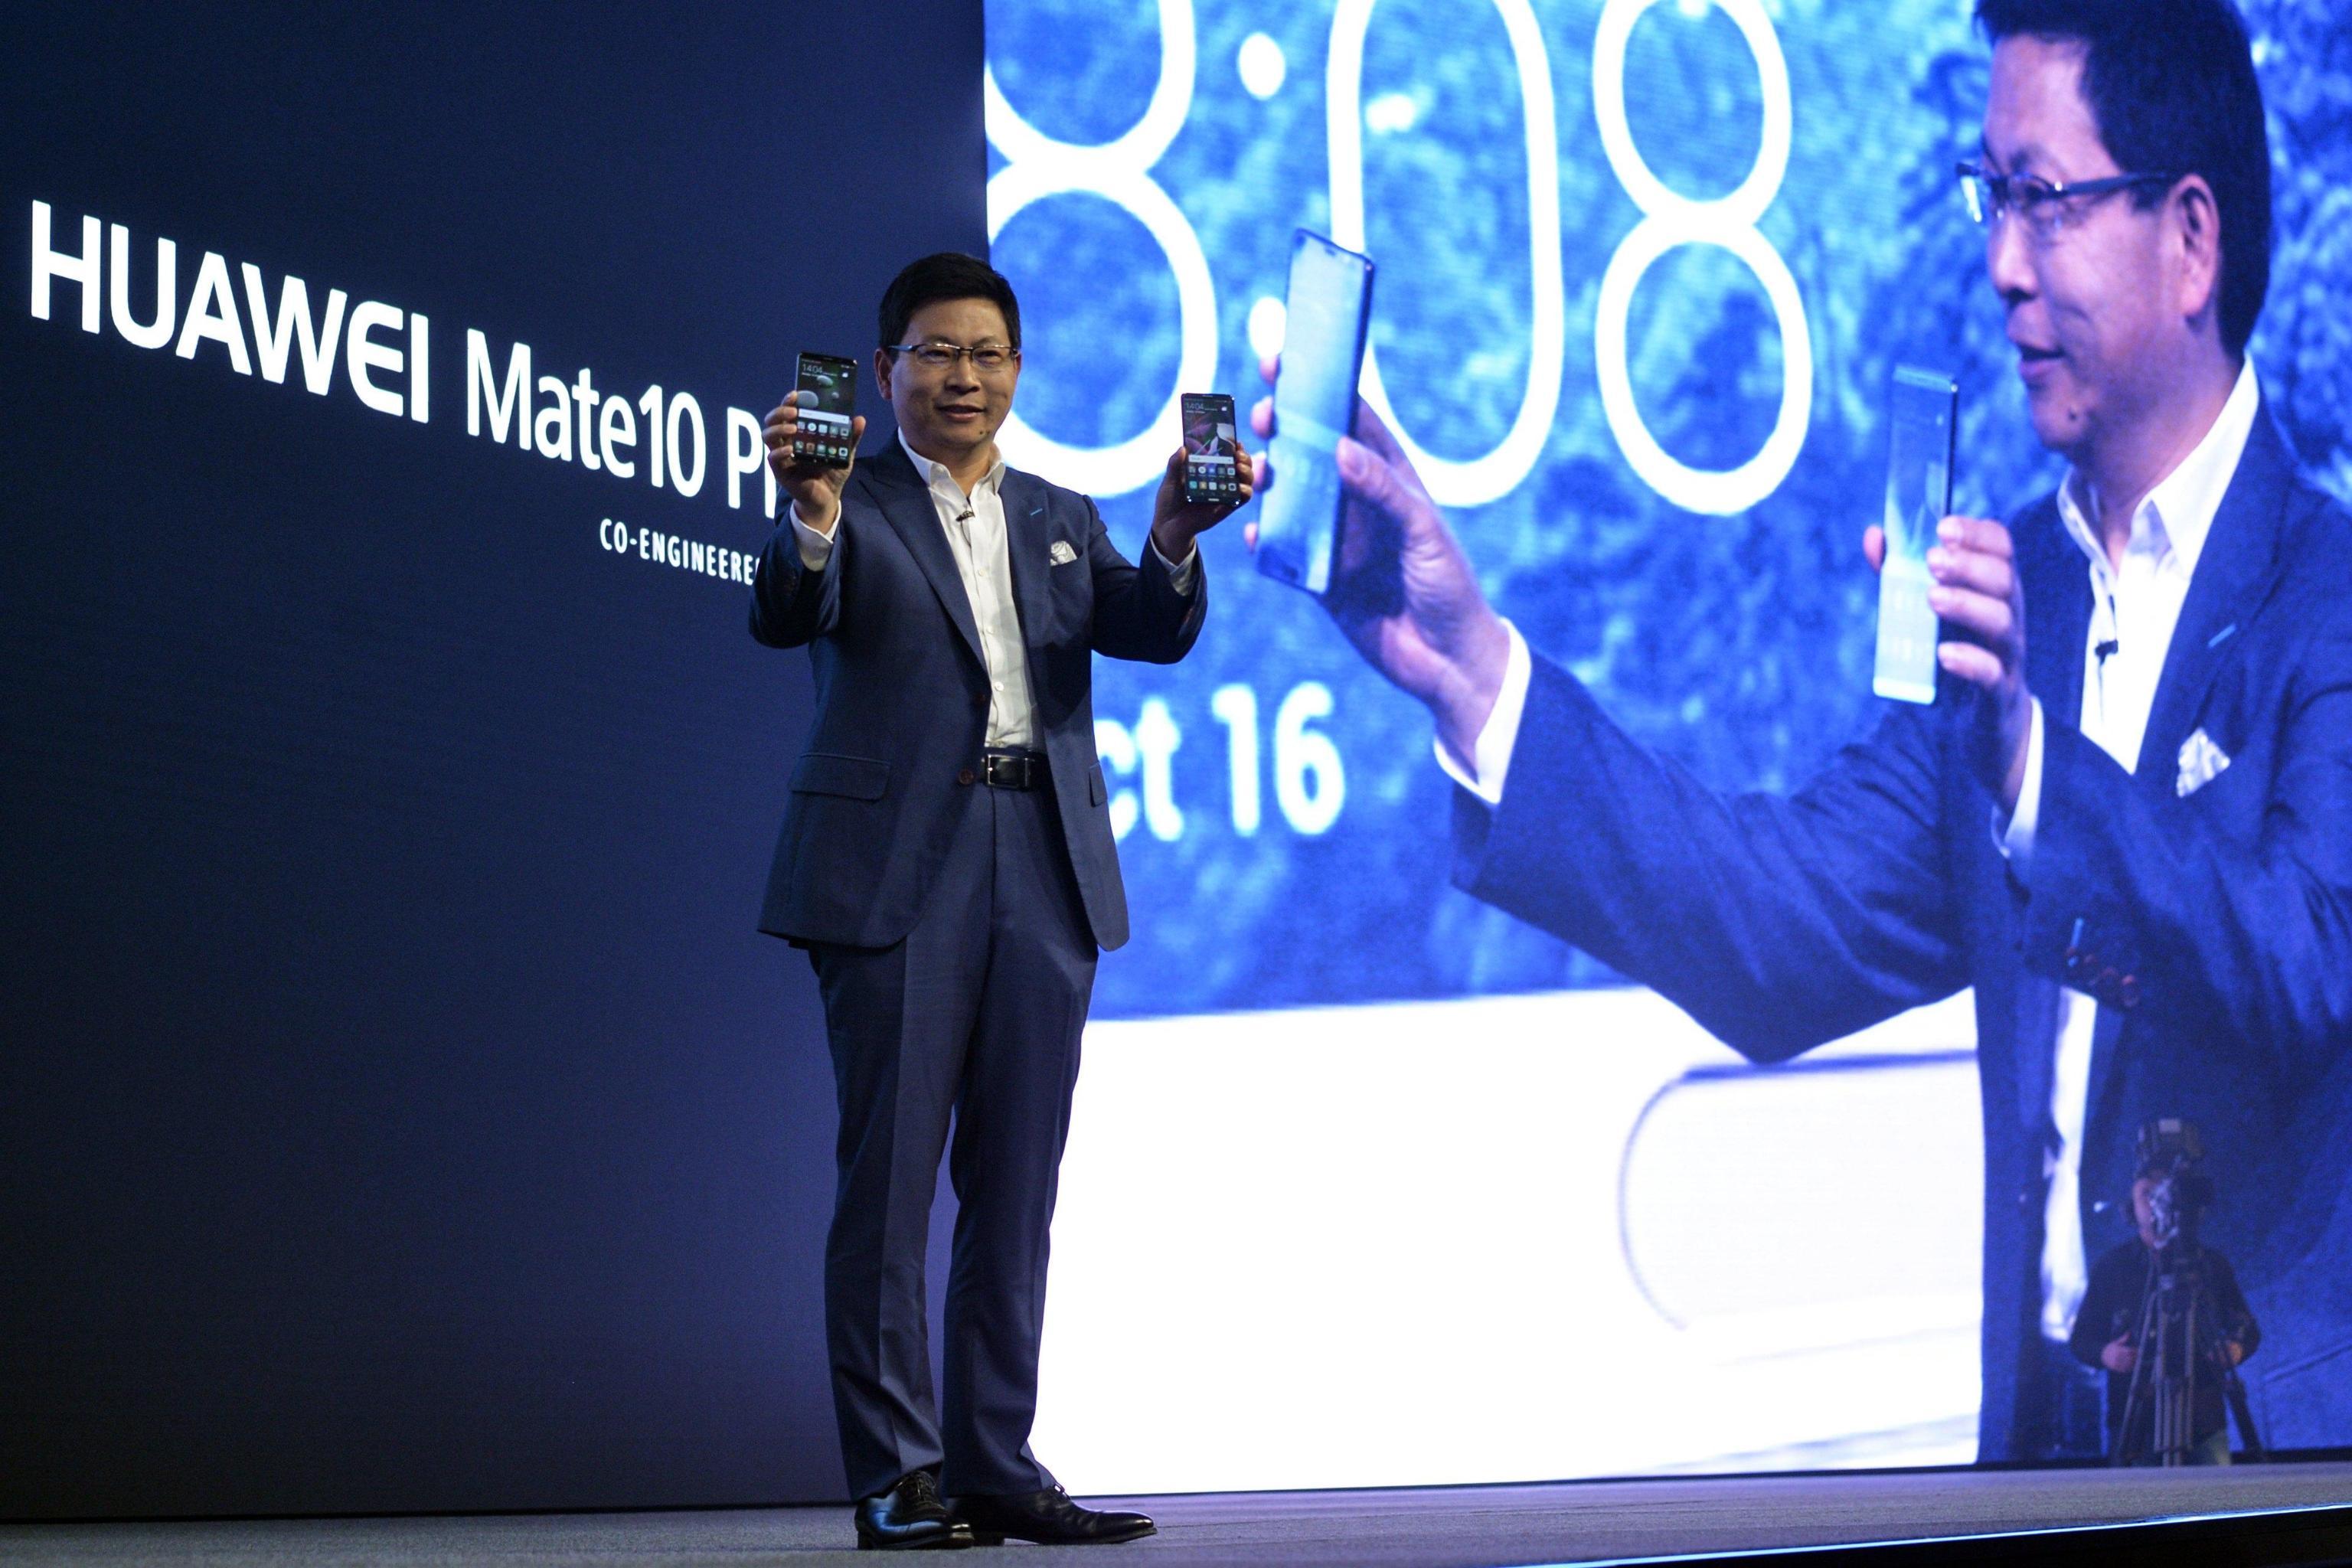 At&t scarica cinese Huawei su sicurezza